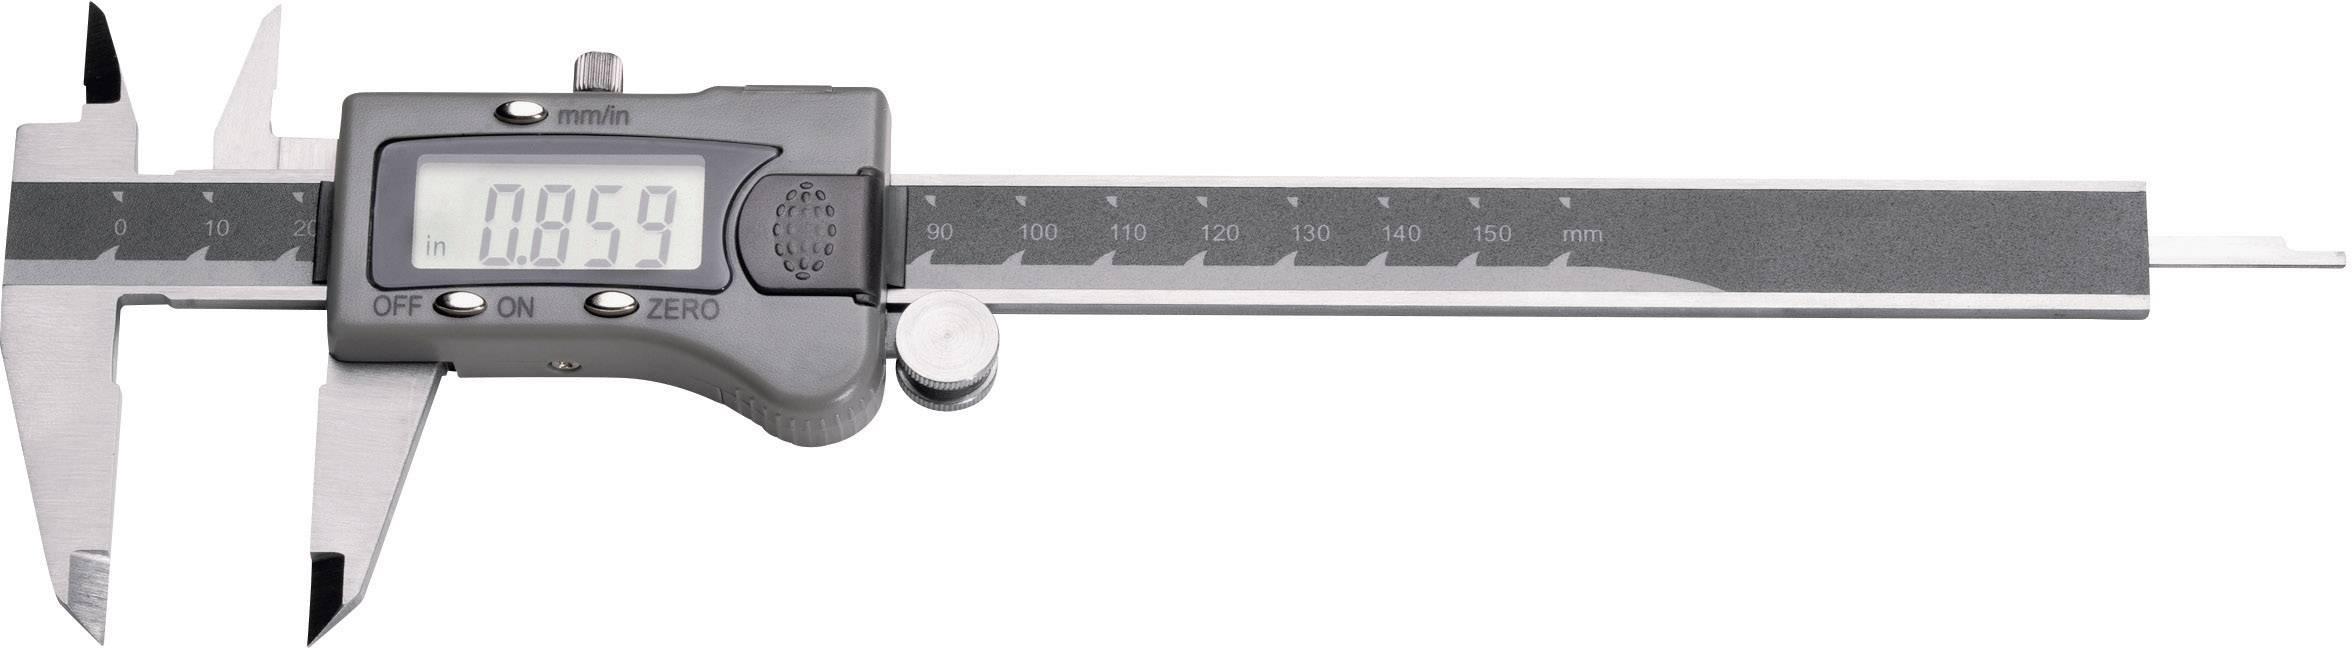 Digitální posuvné měřítko Horex 2211718, měřicí rozsah 200 mm, Kalibrováno dle podnikový standard (bez certifikátu) (own)